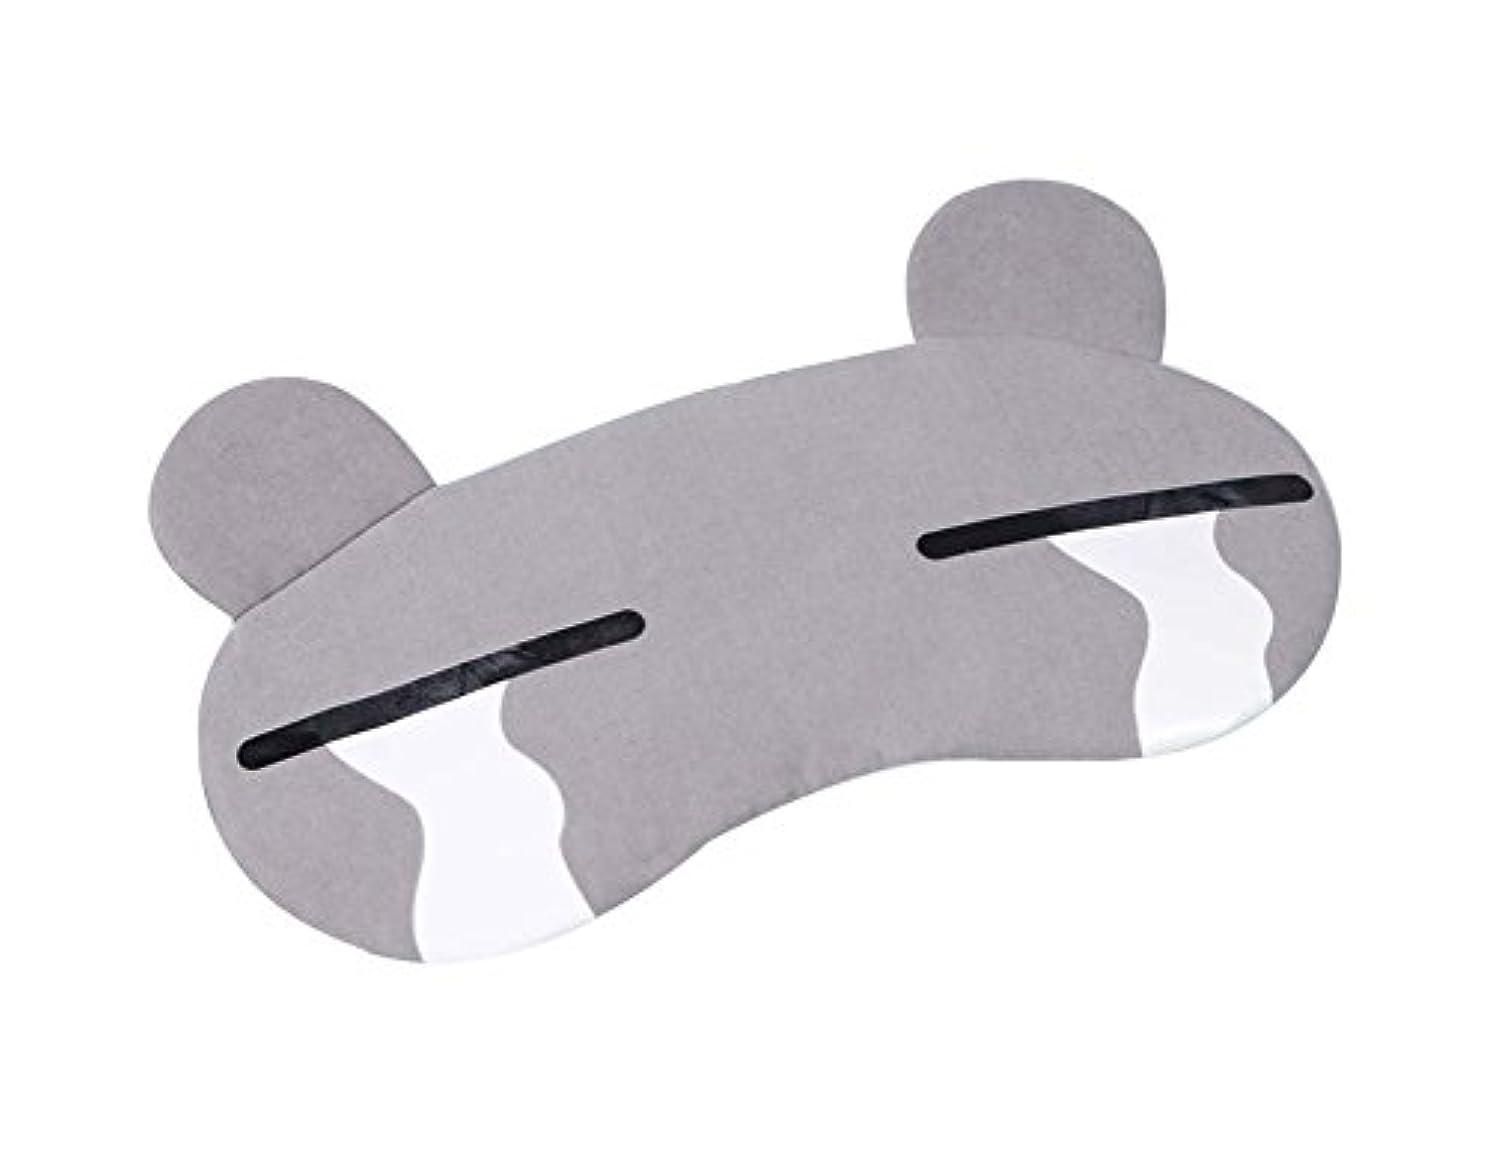 グレー泣く睡眠の目マスク快適な目のカバー通気性のあるアイシェイド